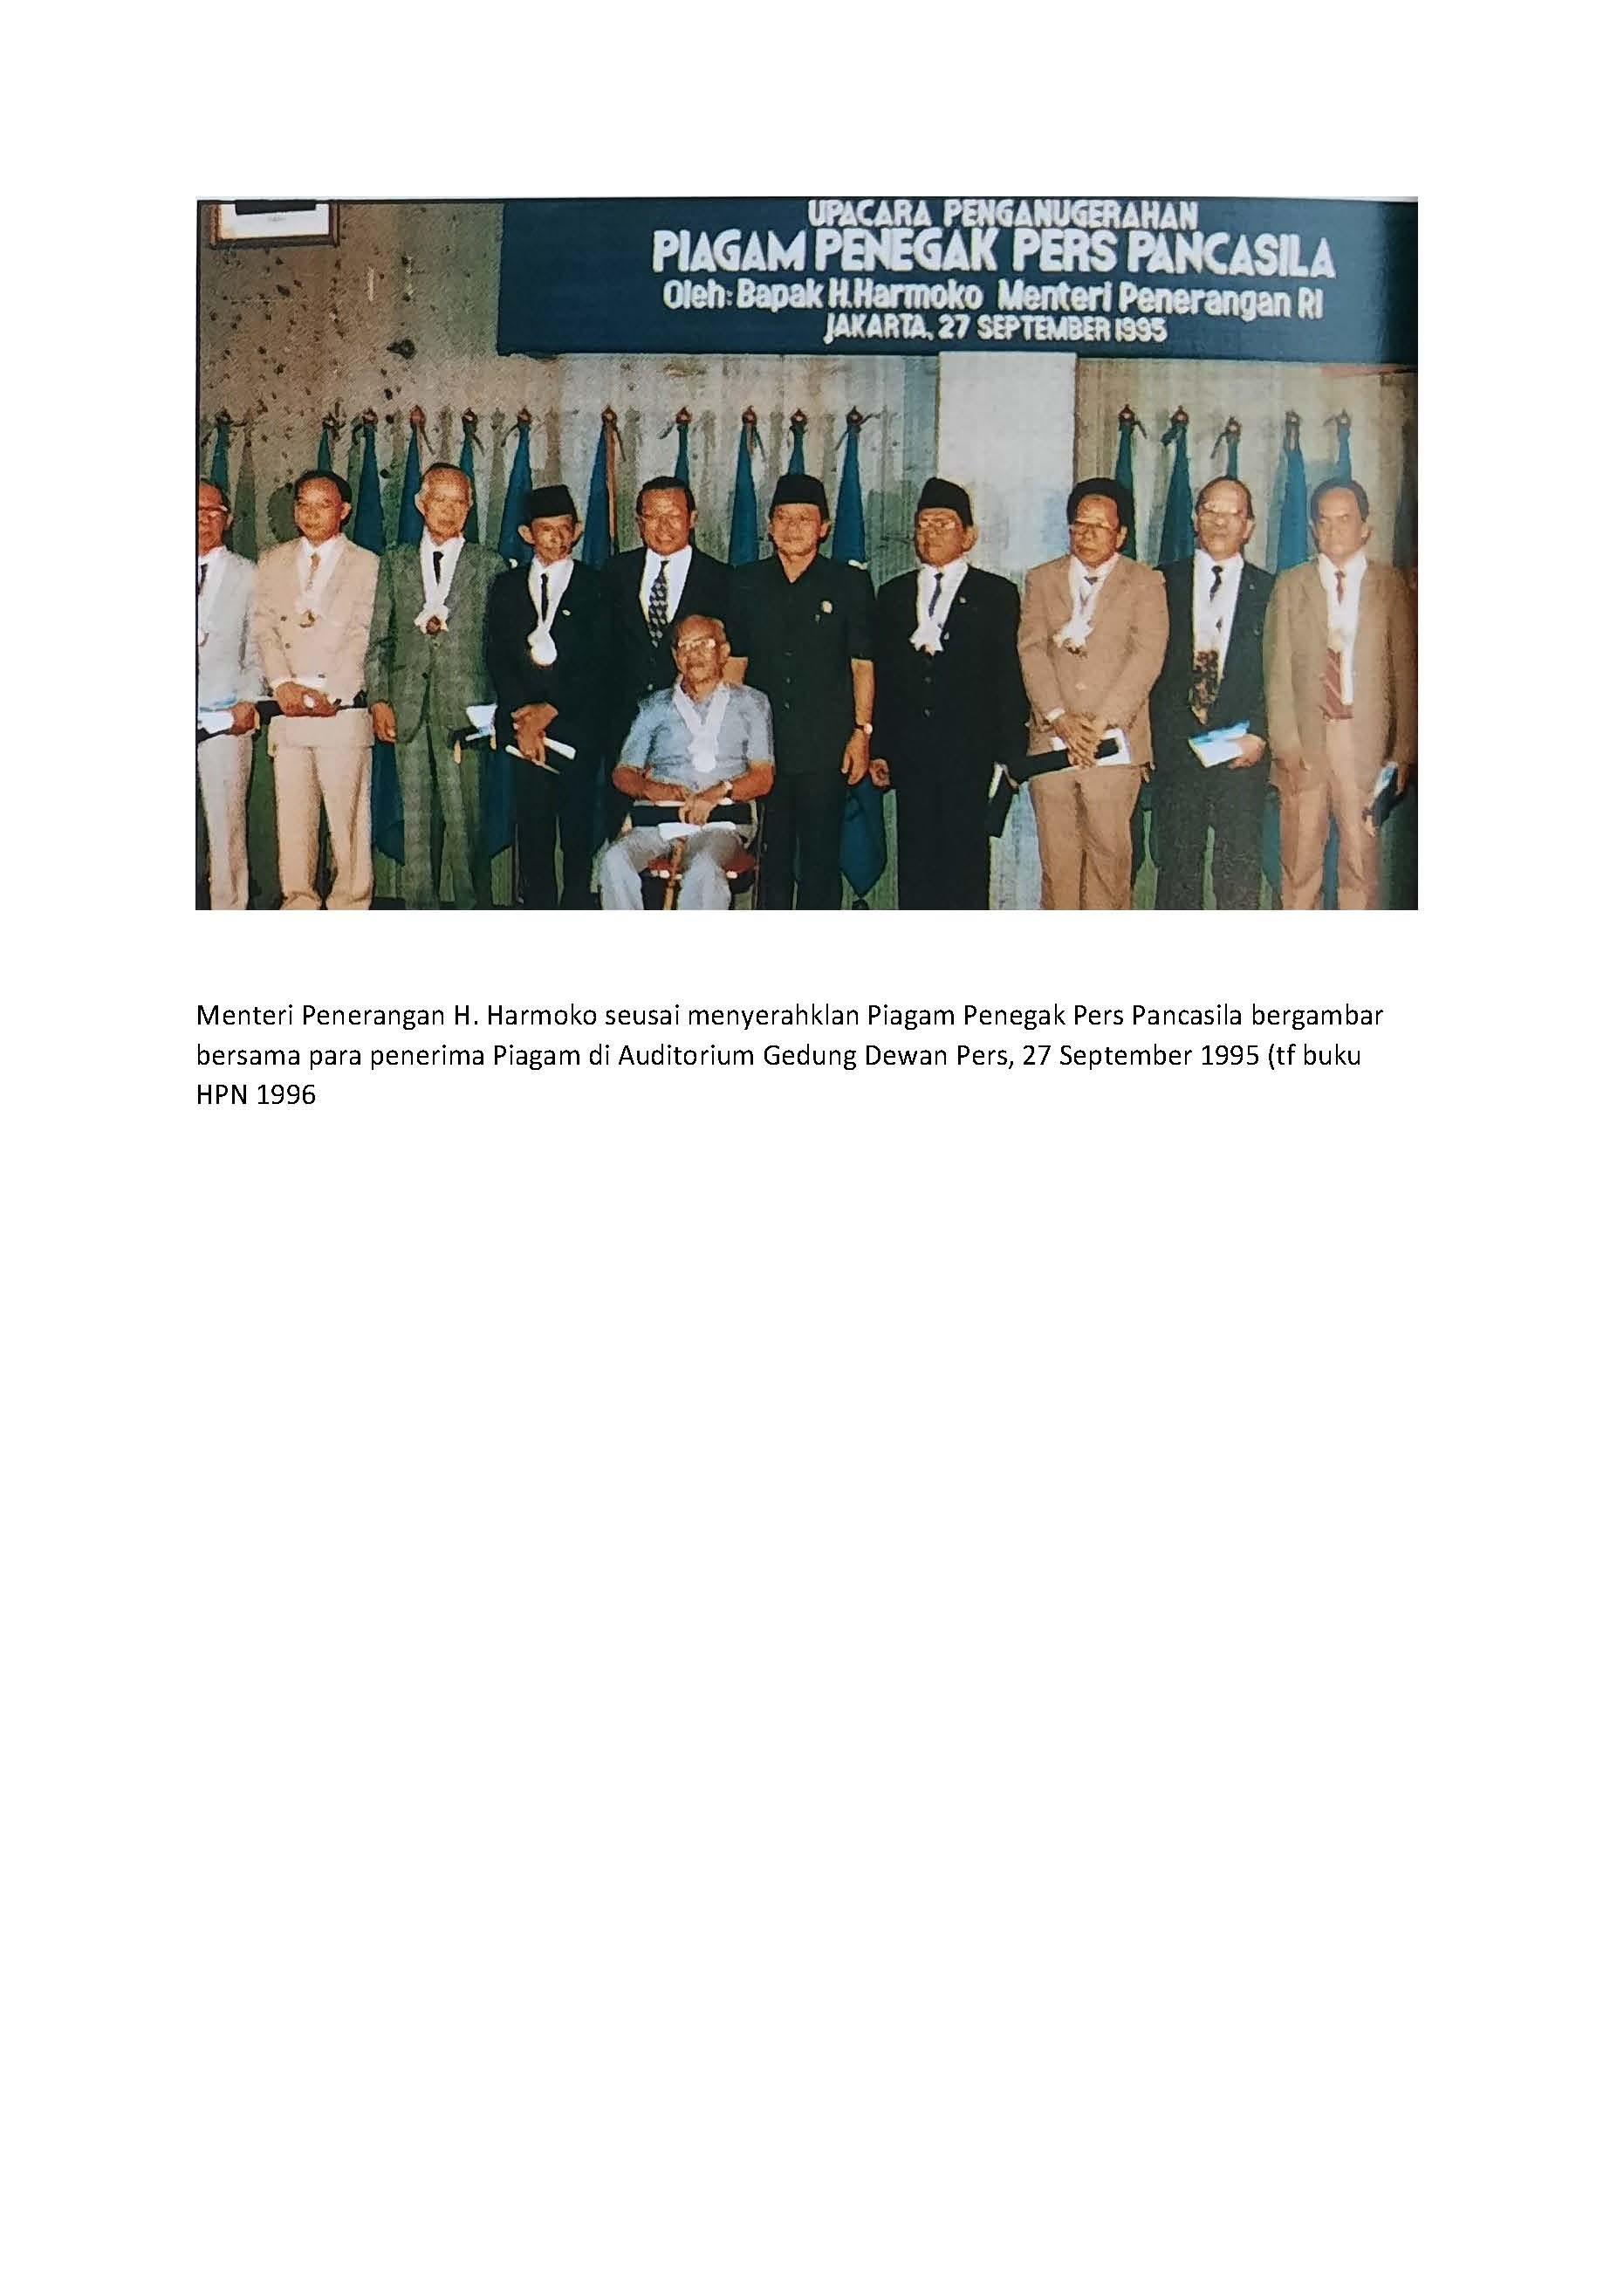 Daftar Penerima Penghargaan Penegak Pers Pancasila Tahun 1995